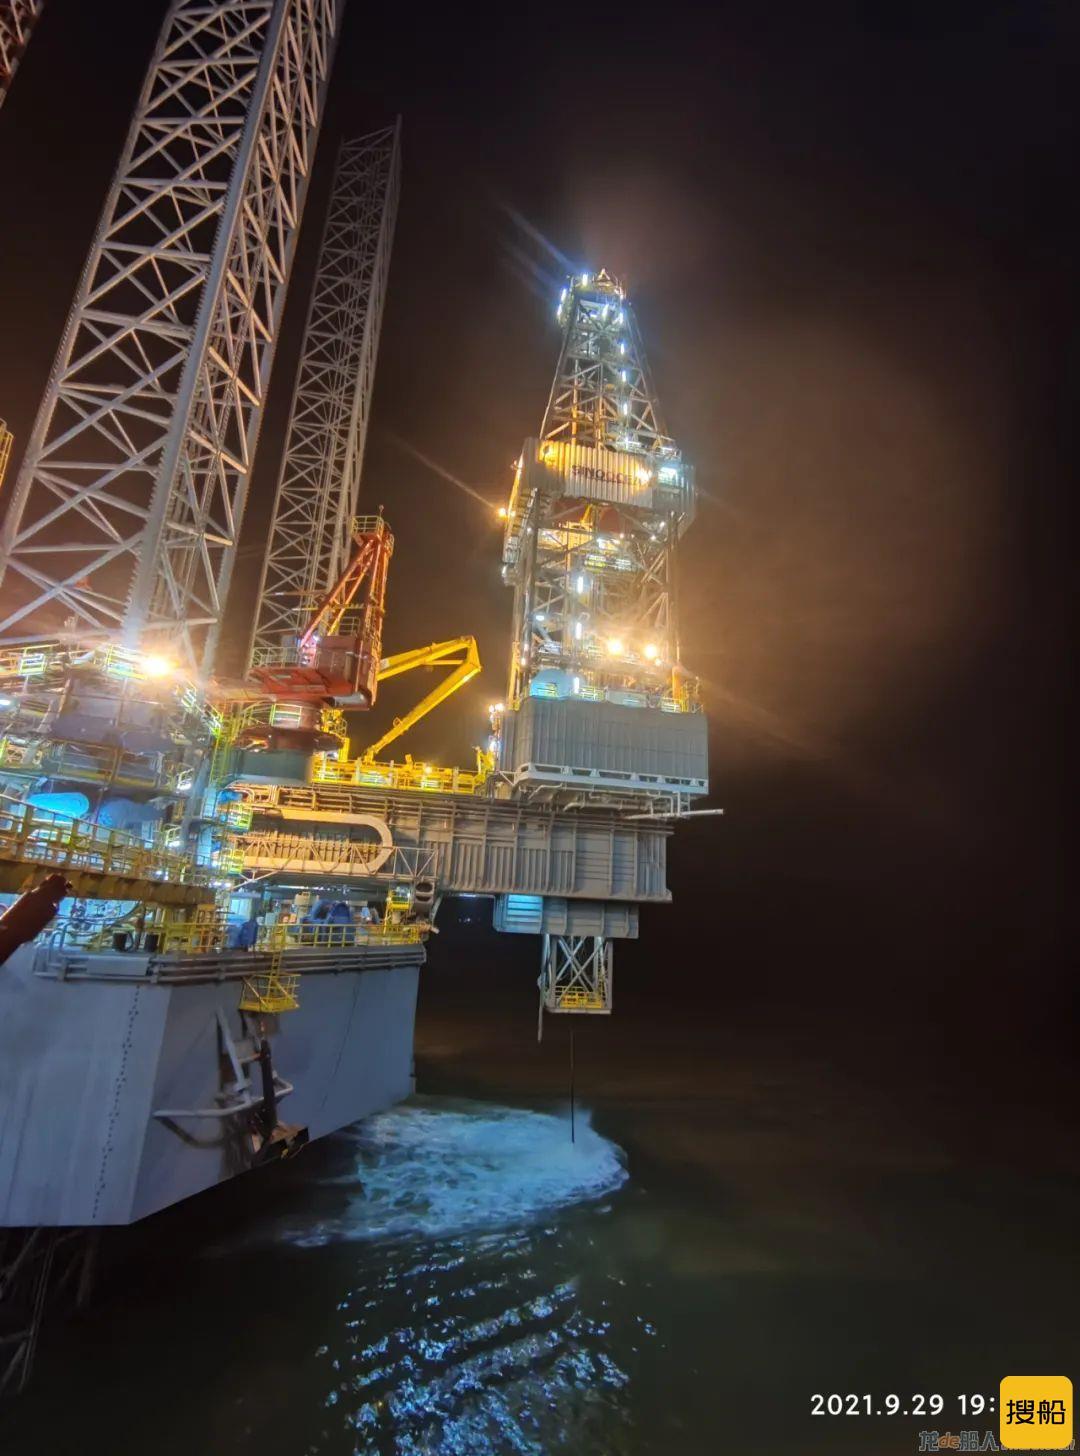 外高桥造船H1369项目完成码头联调试验